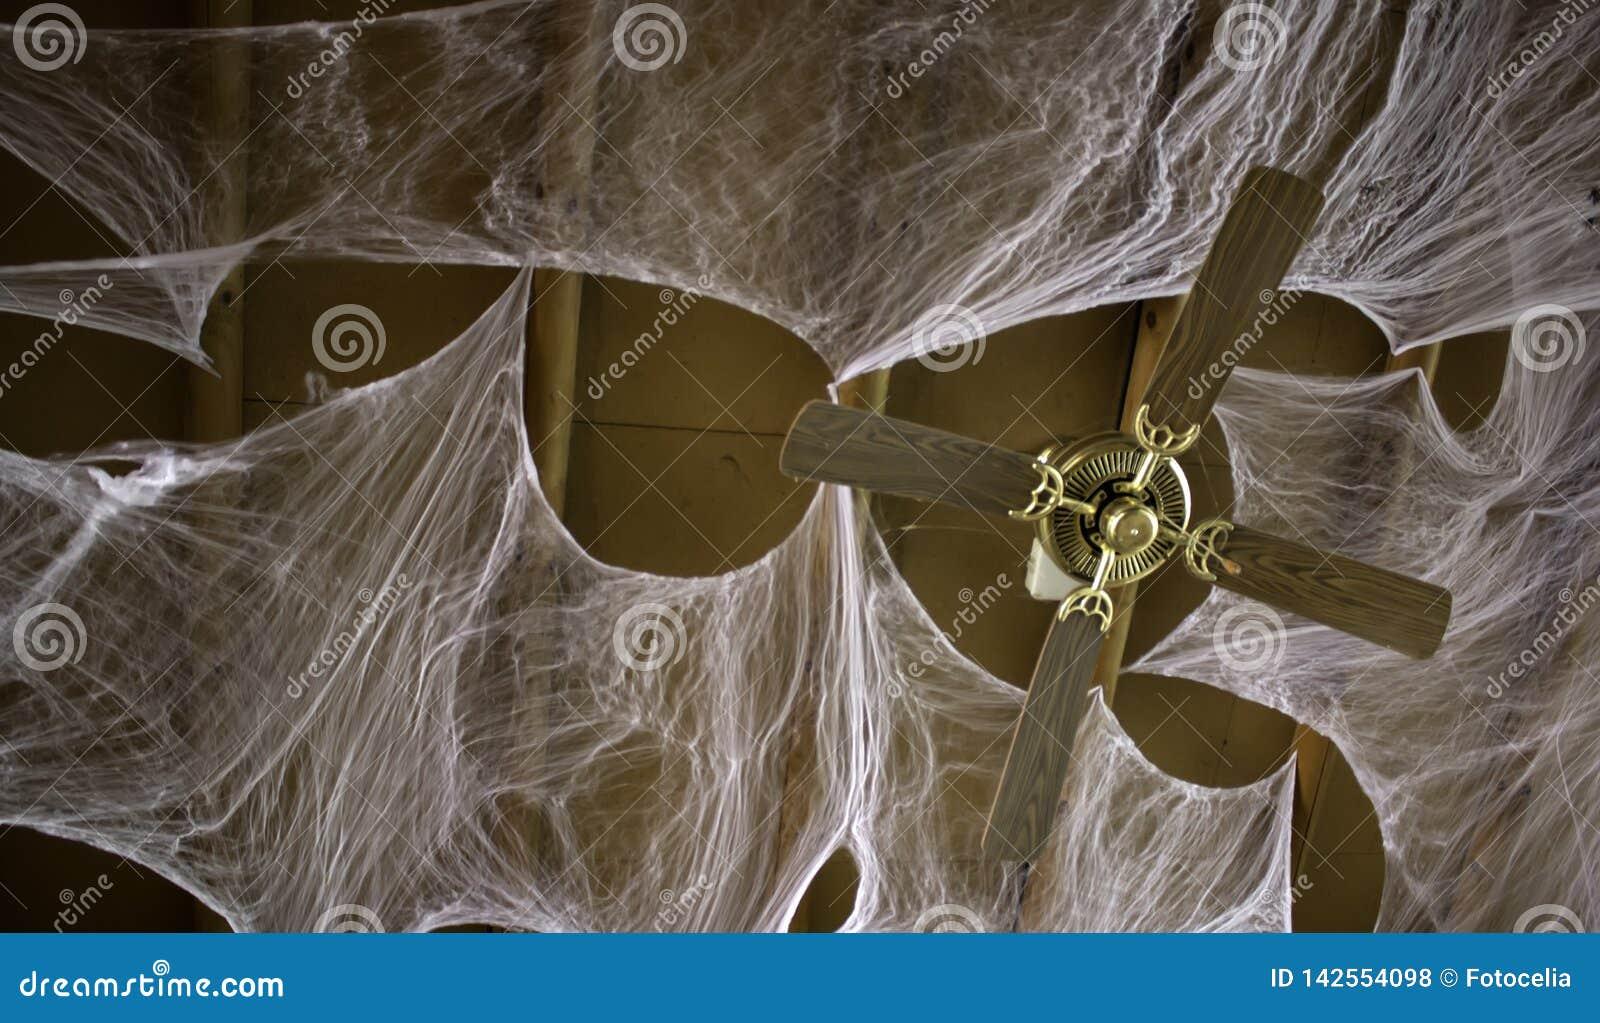 Teias de aranha no telhado